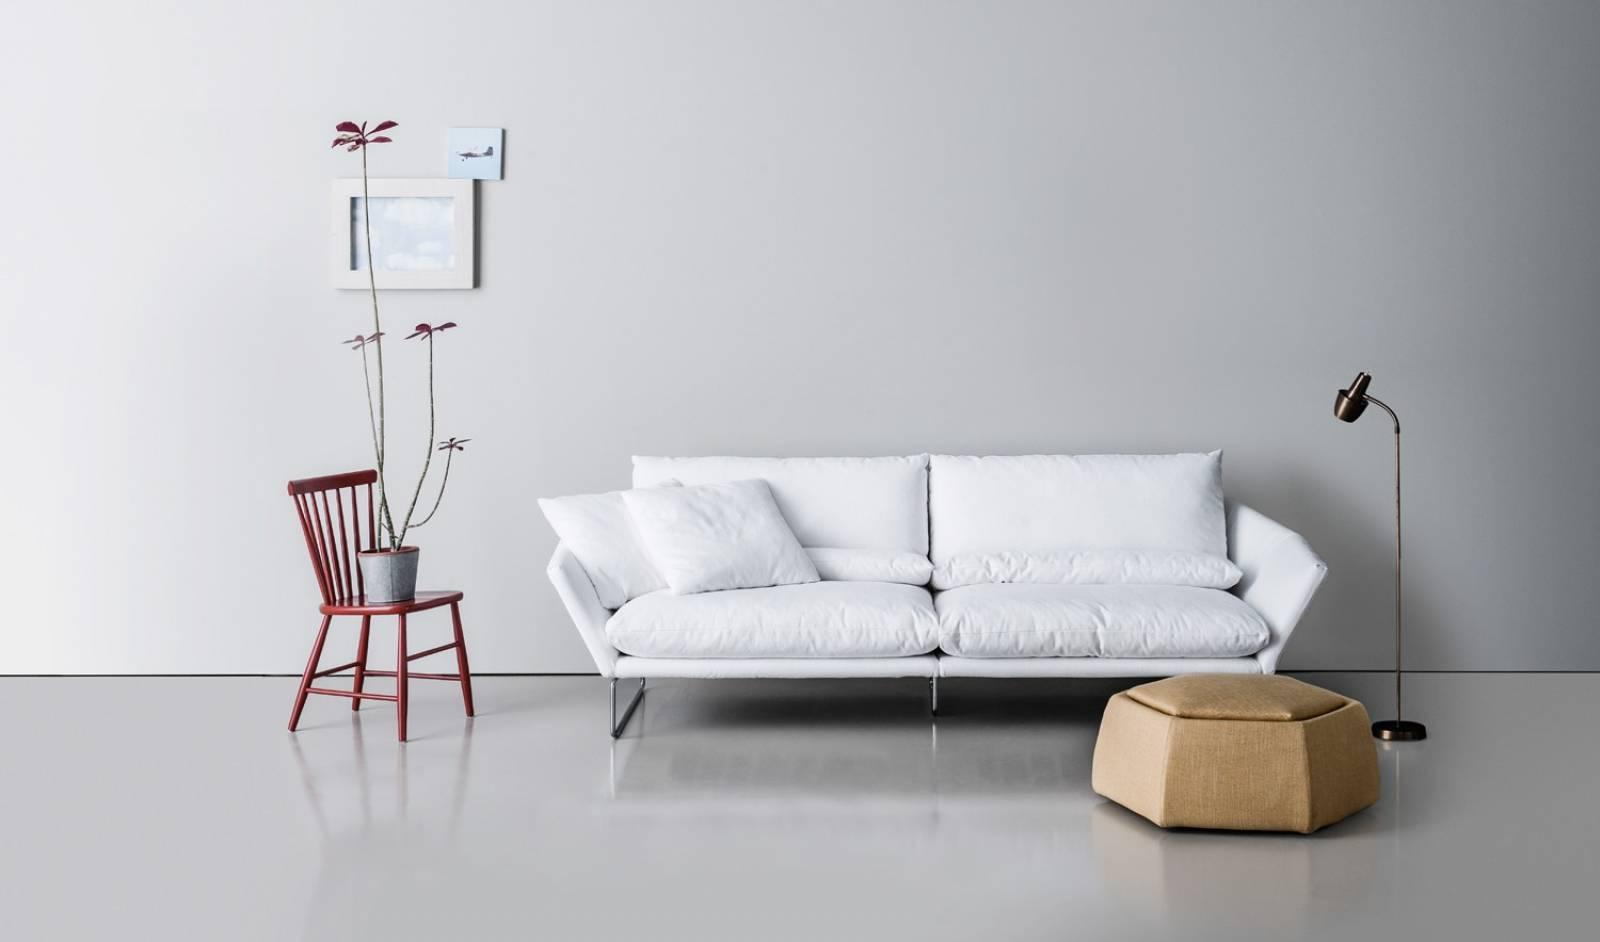 Un salon black and white magasin de meubles design et d coration d 39 int rieur champagne au - Conseils sur la disposition des meubles pour agrandir un salon ...